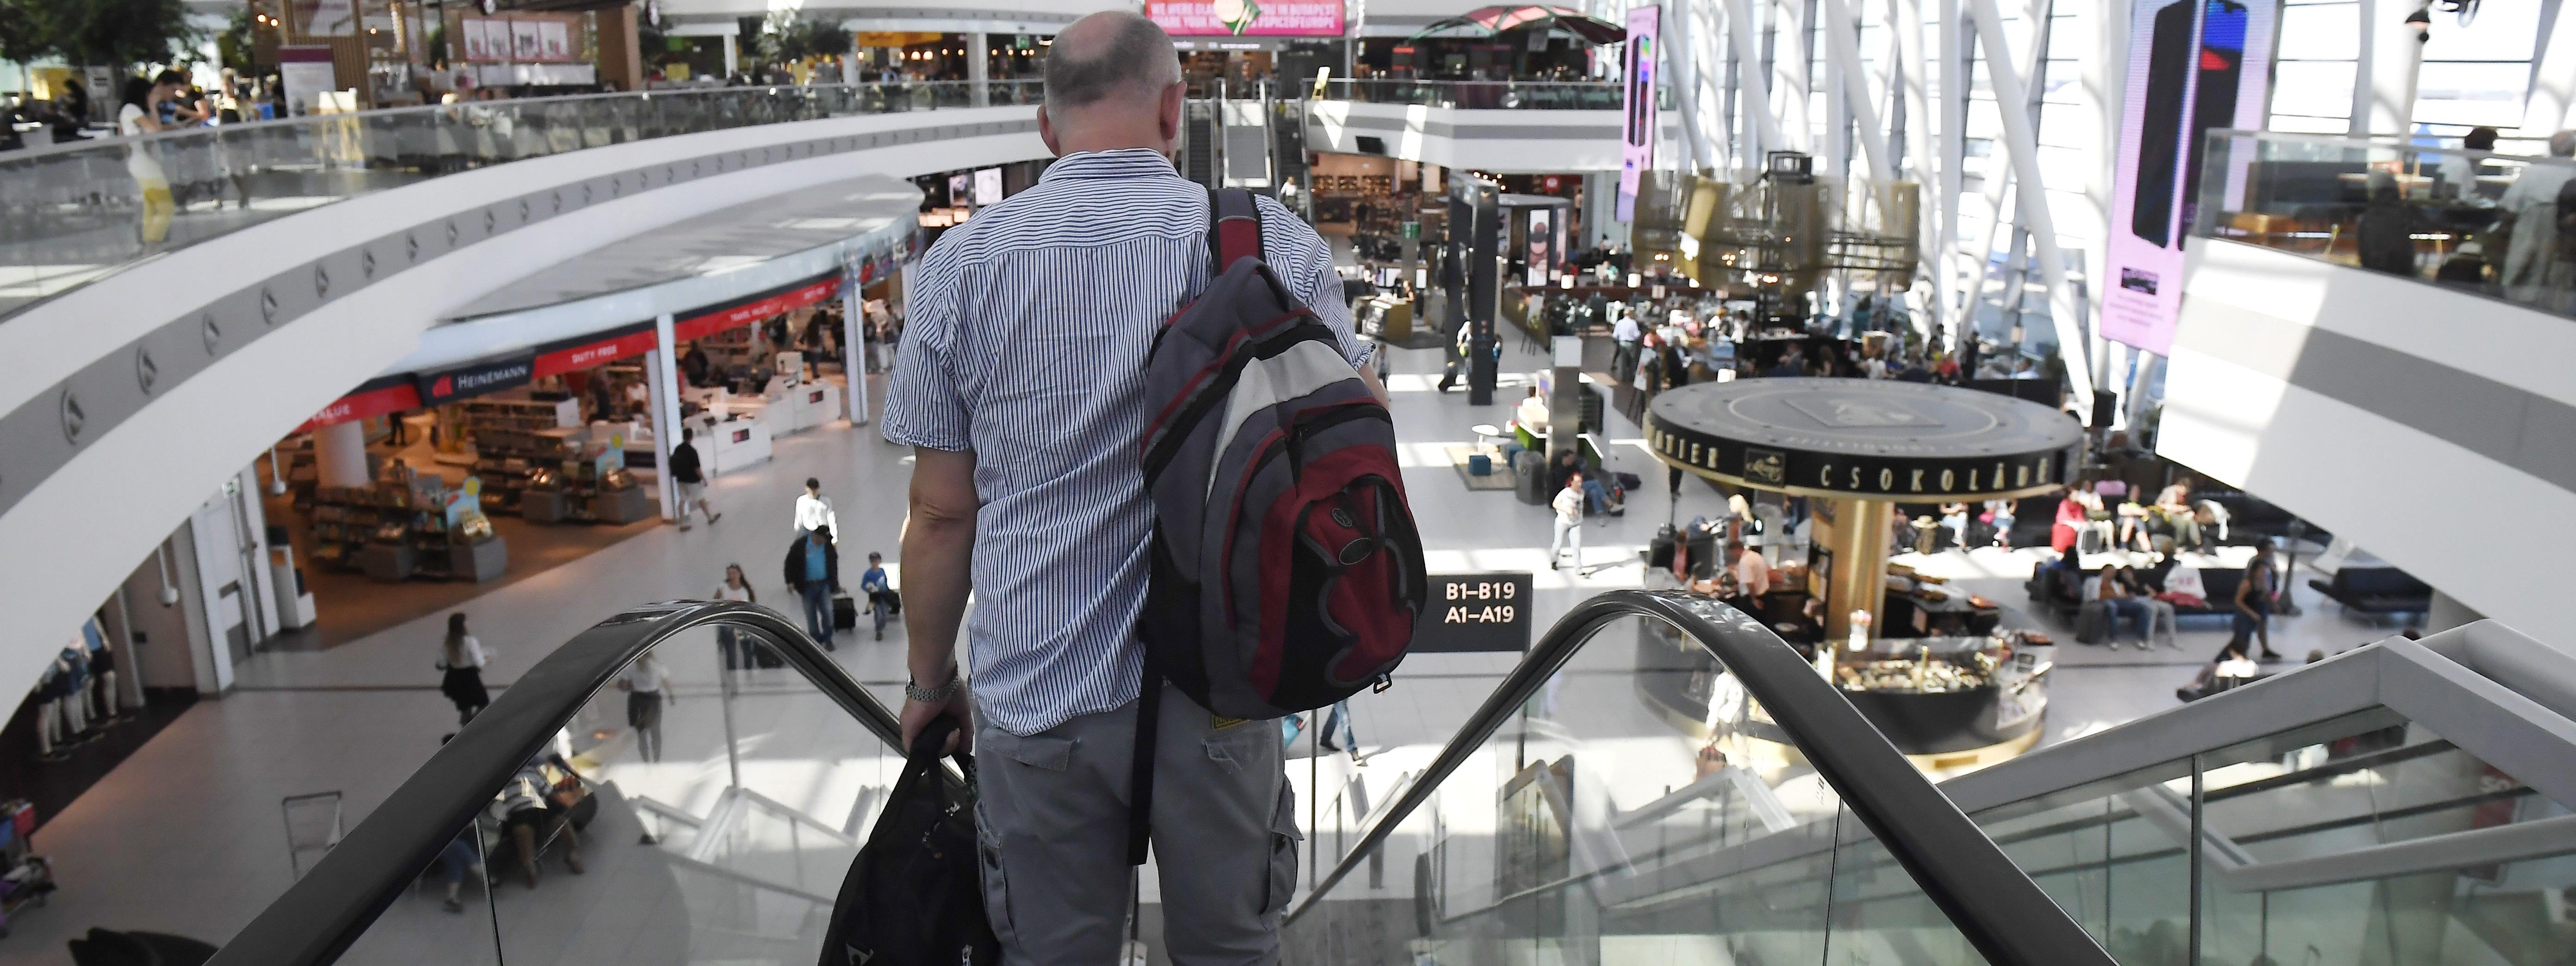 deb7619d57cf Forradalmi újítás Budapesten, új közlekedési lehetőség a reptérre